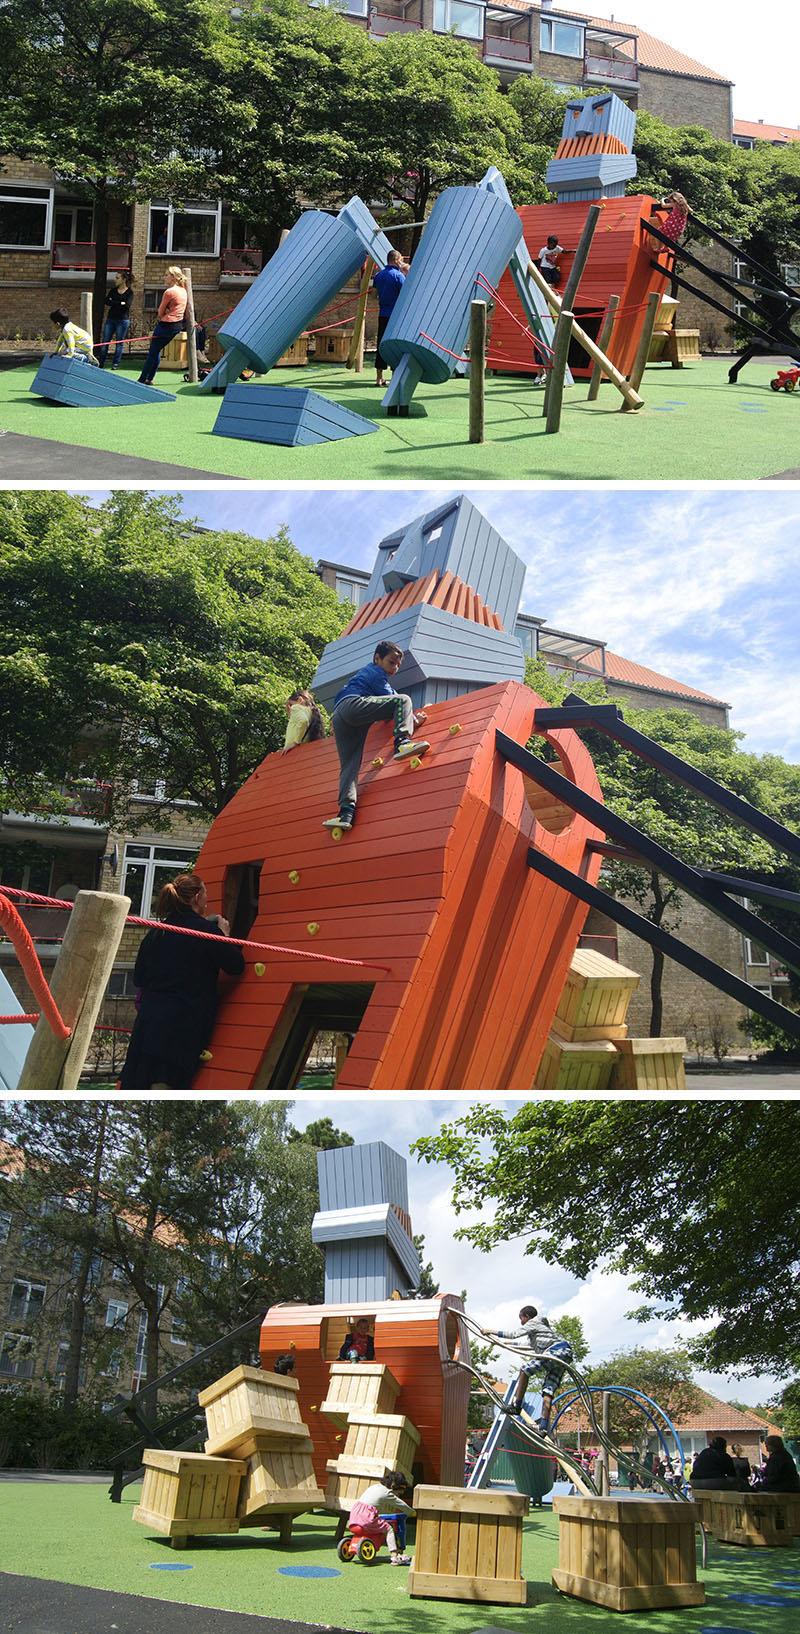 parques infantiles que gustaran tanto a pequeños y a adultos 2